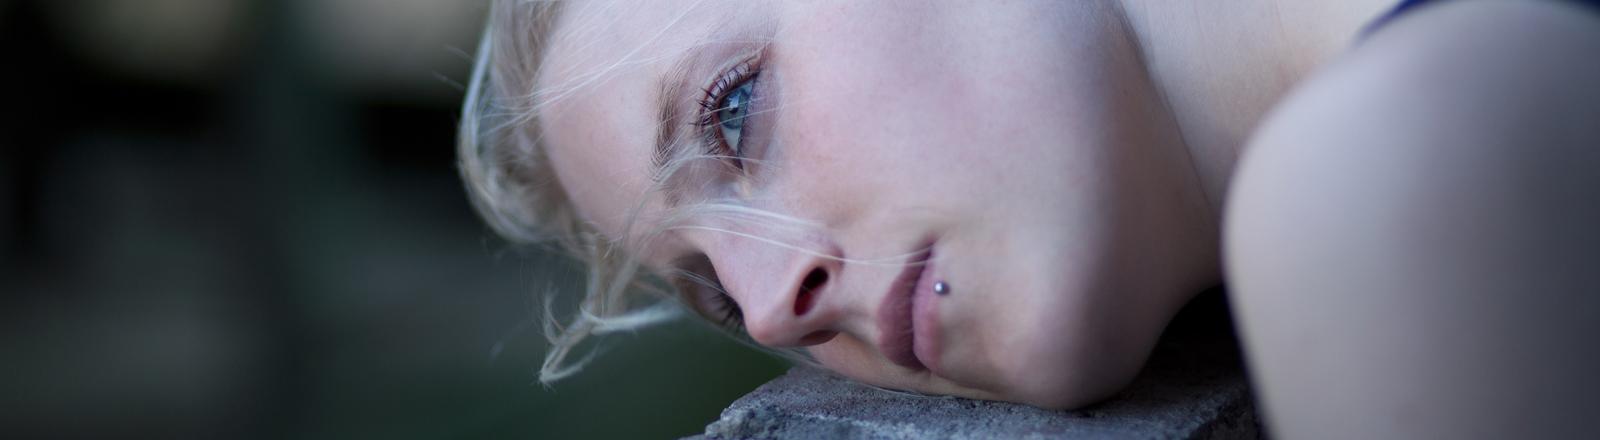 Ein junge Frau hat den Kopf auf einen Balken gelegt